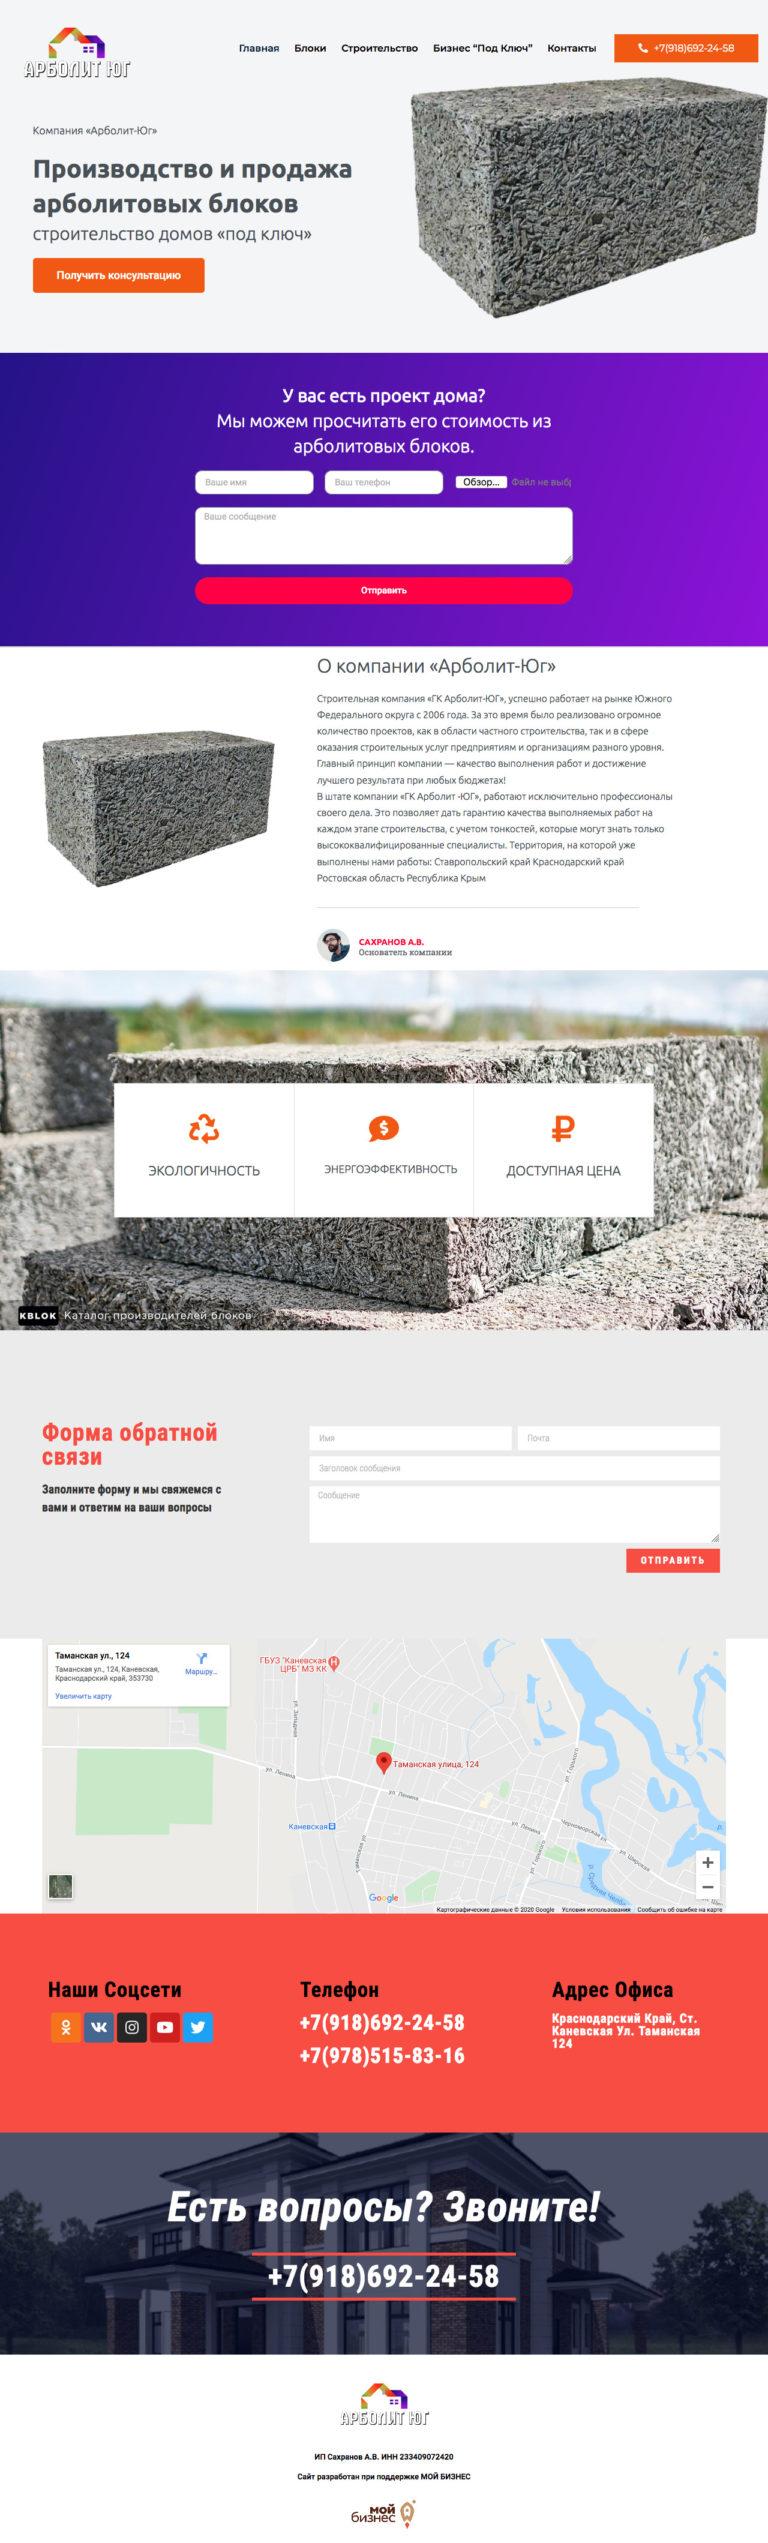 Screenshot_2020-12-14 Arbolit – Производство и продажа арболитовых блоков, строительство домов «под ключ»